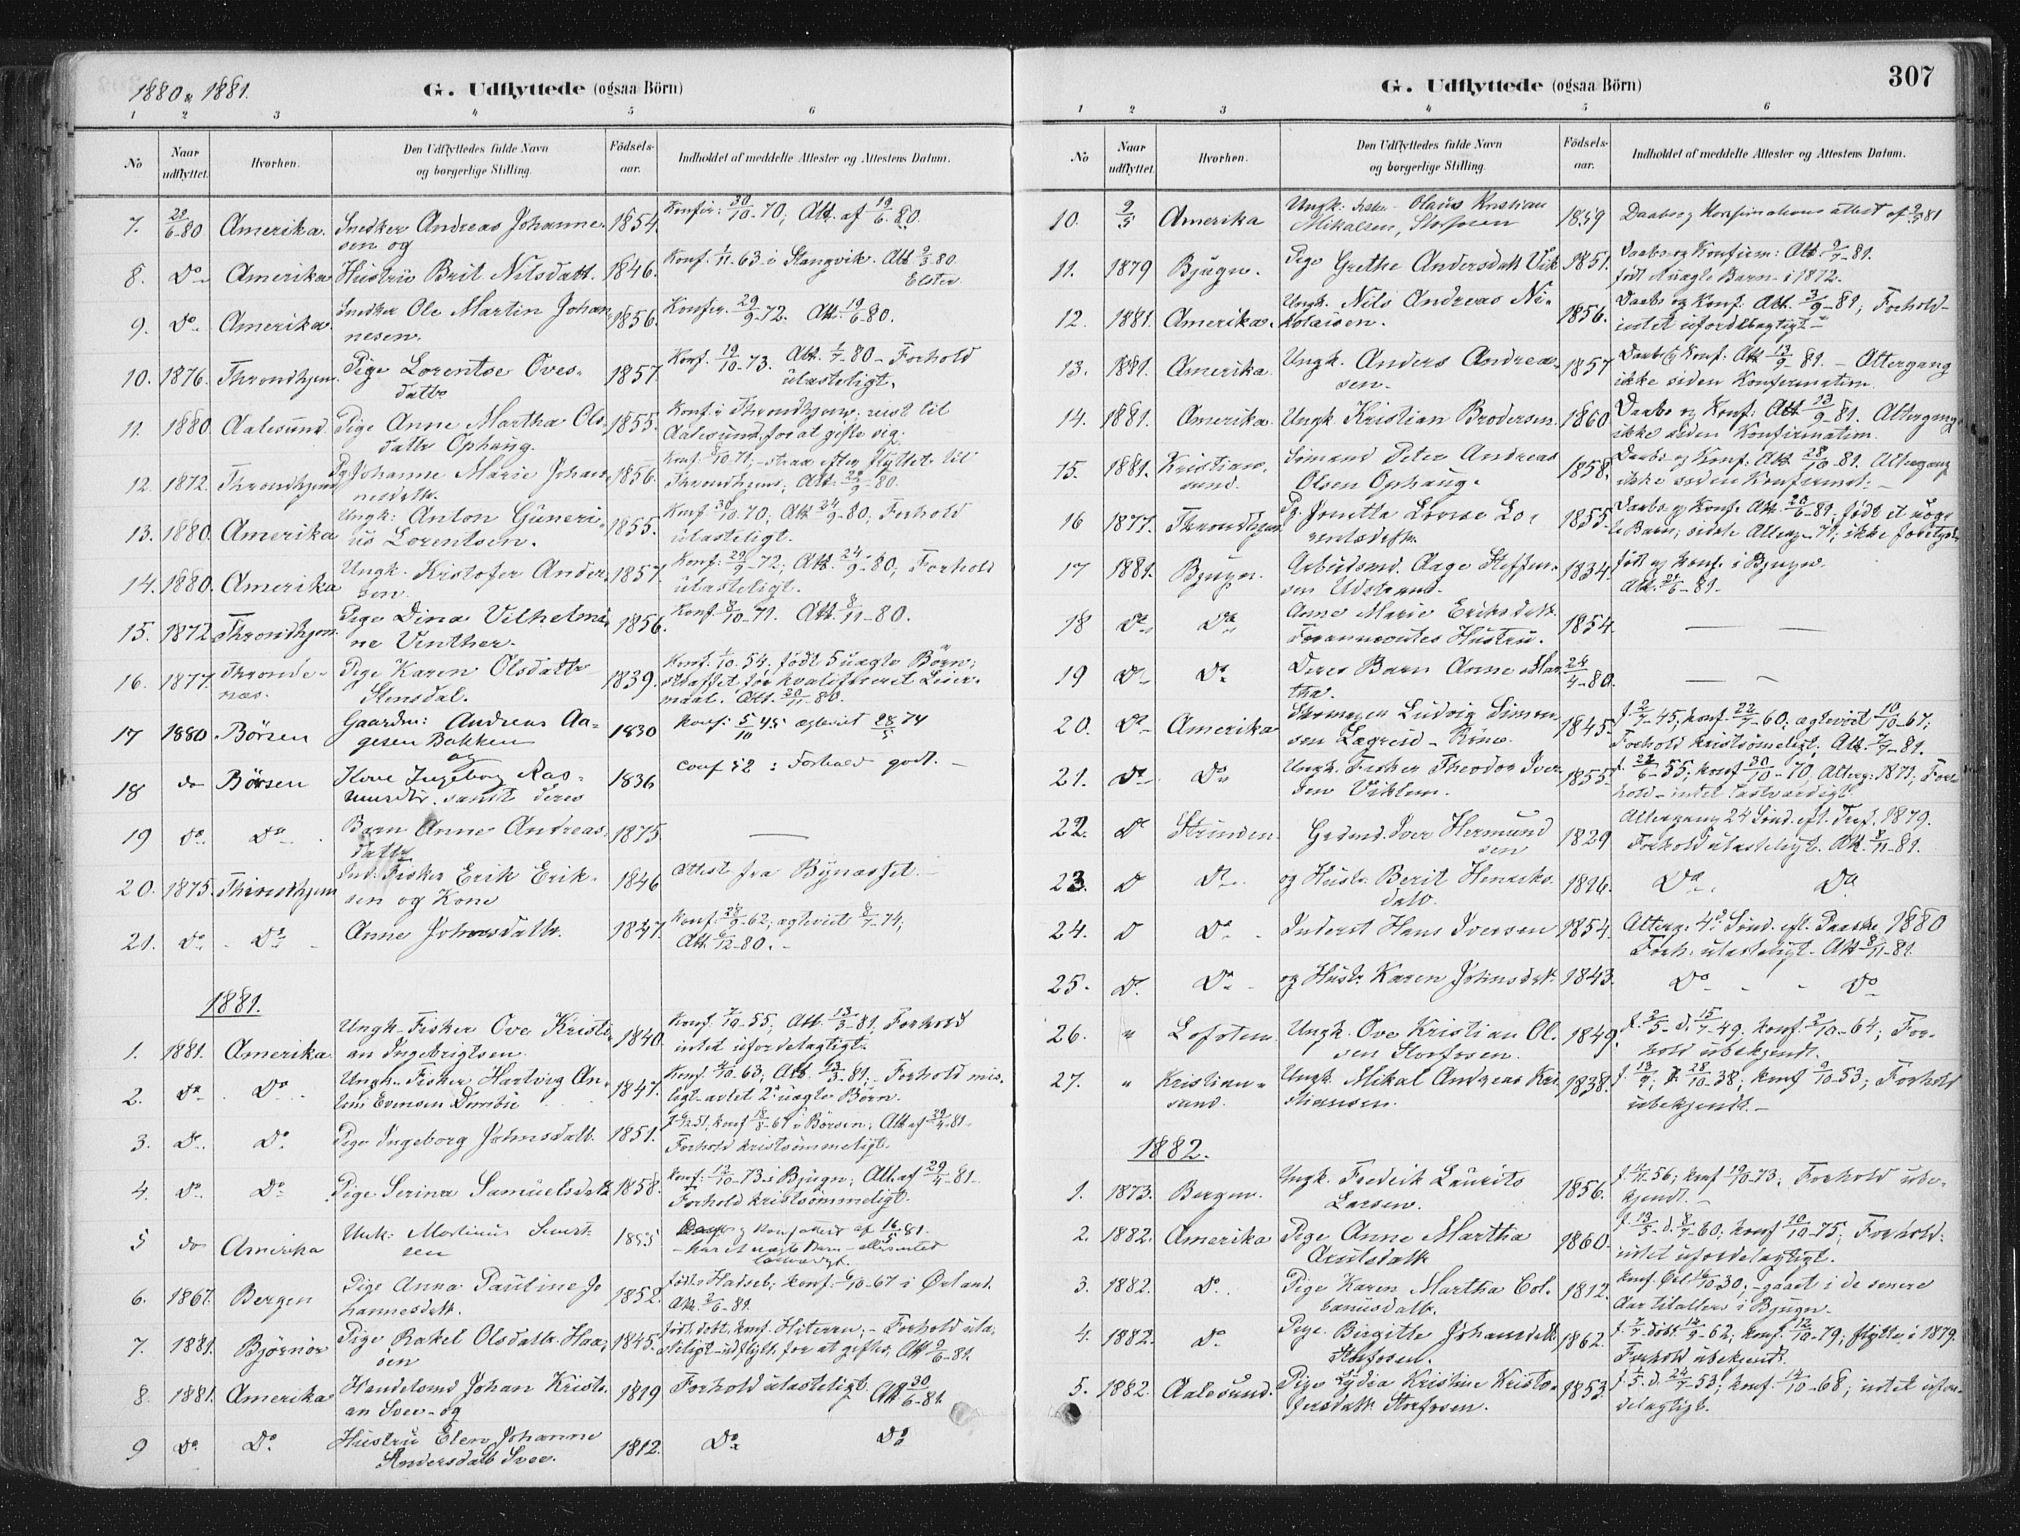 SAT, Ministerialprotokoller, klokkerbøker og fødselsregistre - Sør-Trøndelag, 659/L0739: Ministerialbok nr. 659A09, 1879-1893, s. 307